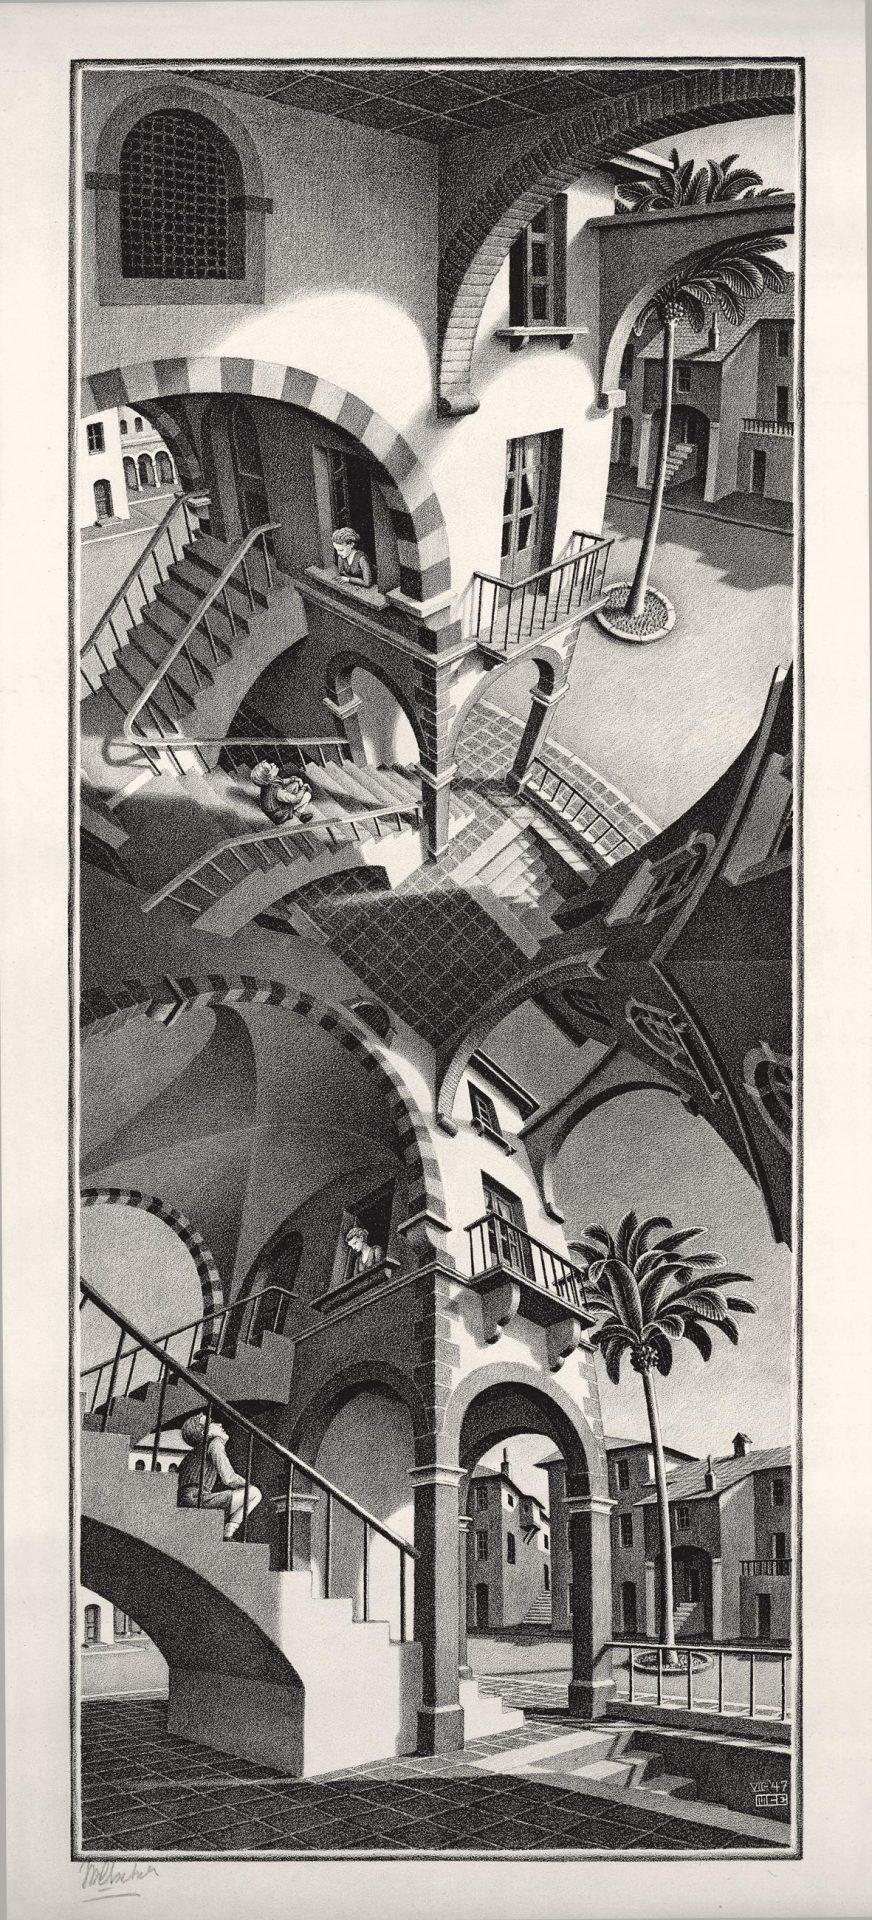 maurits-cornelis-escher-su-e-giu-luglio-1947-litografia-in-colore-marrone-503x205-mm